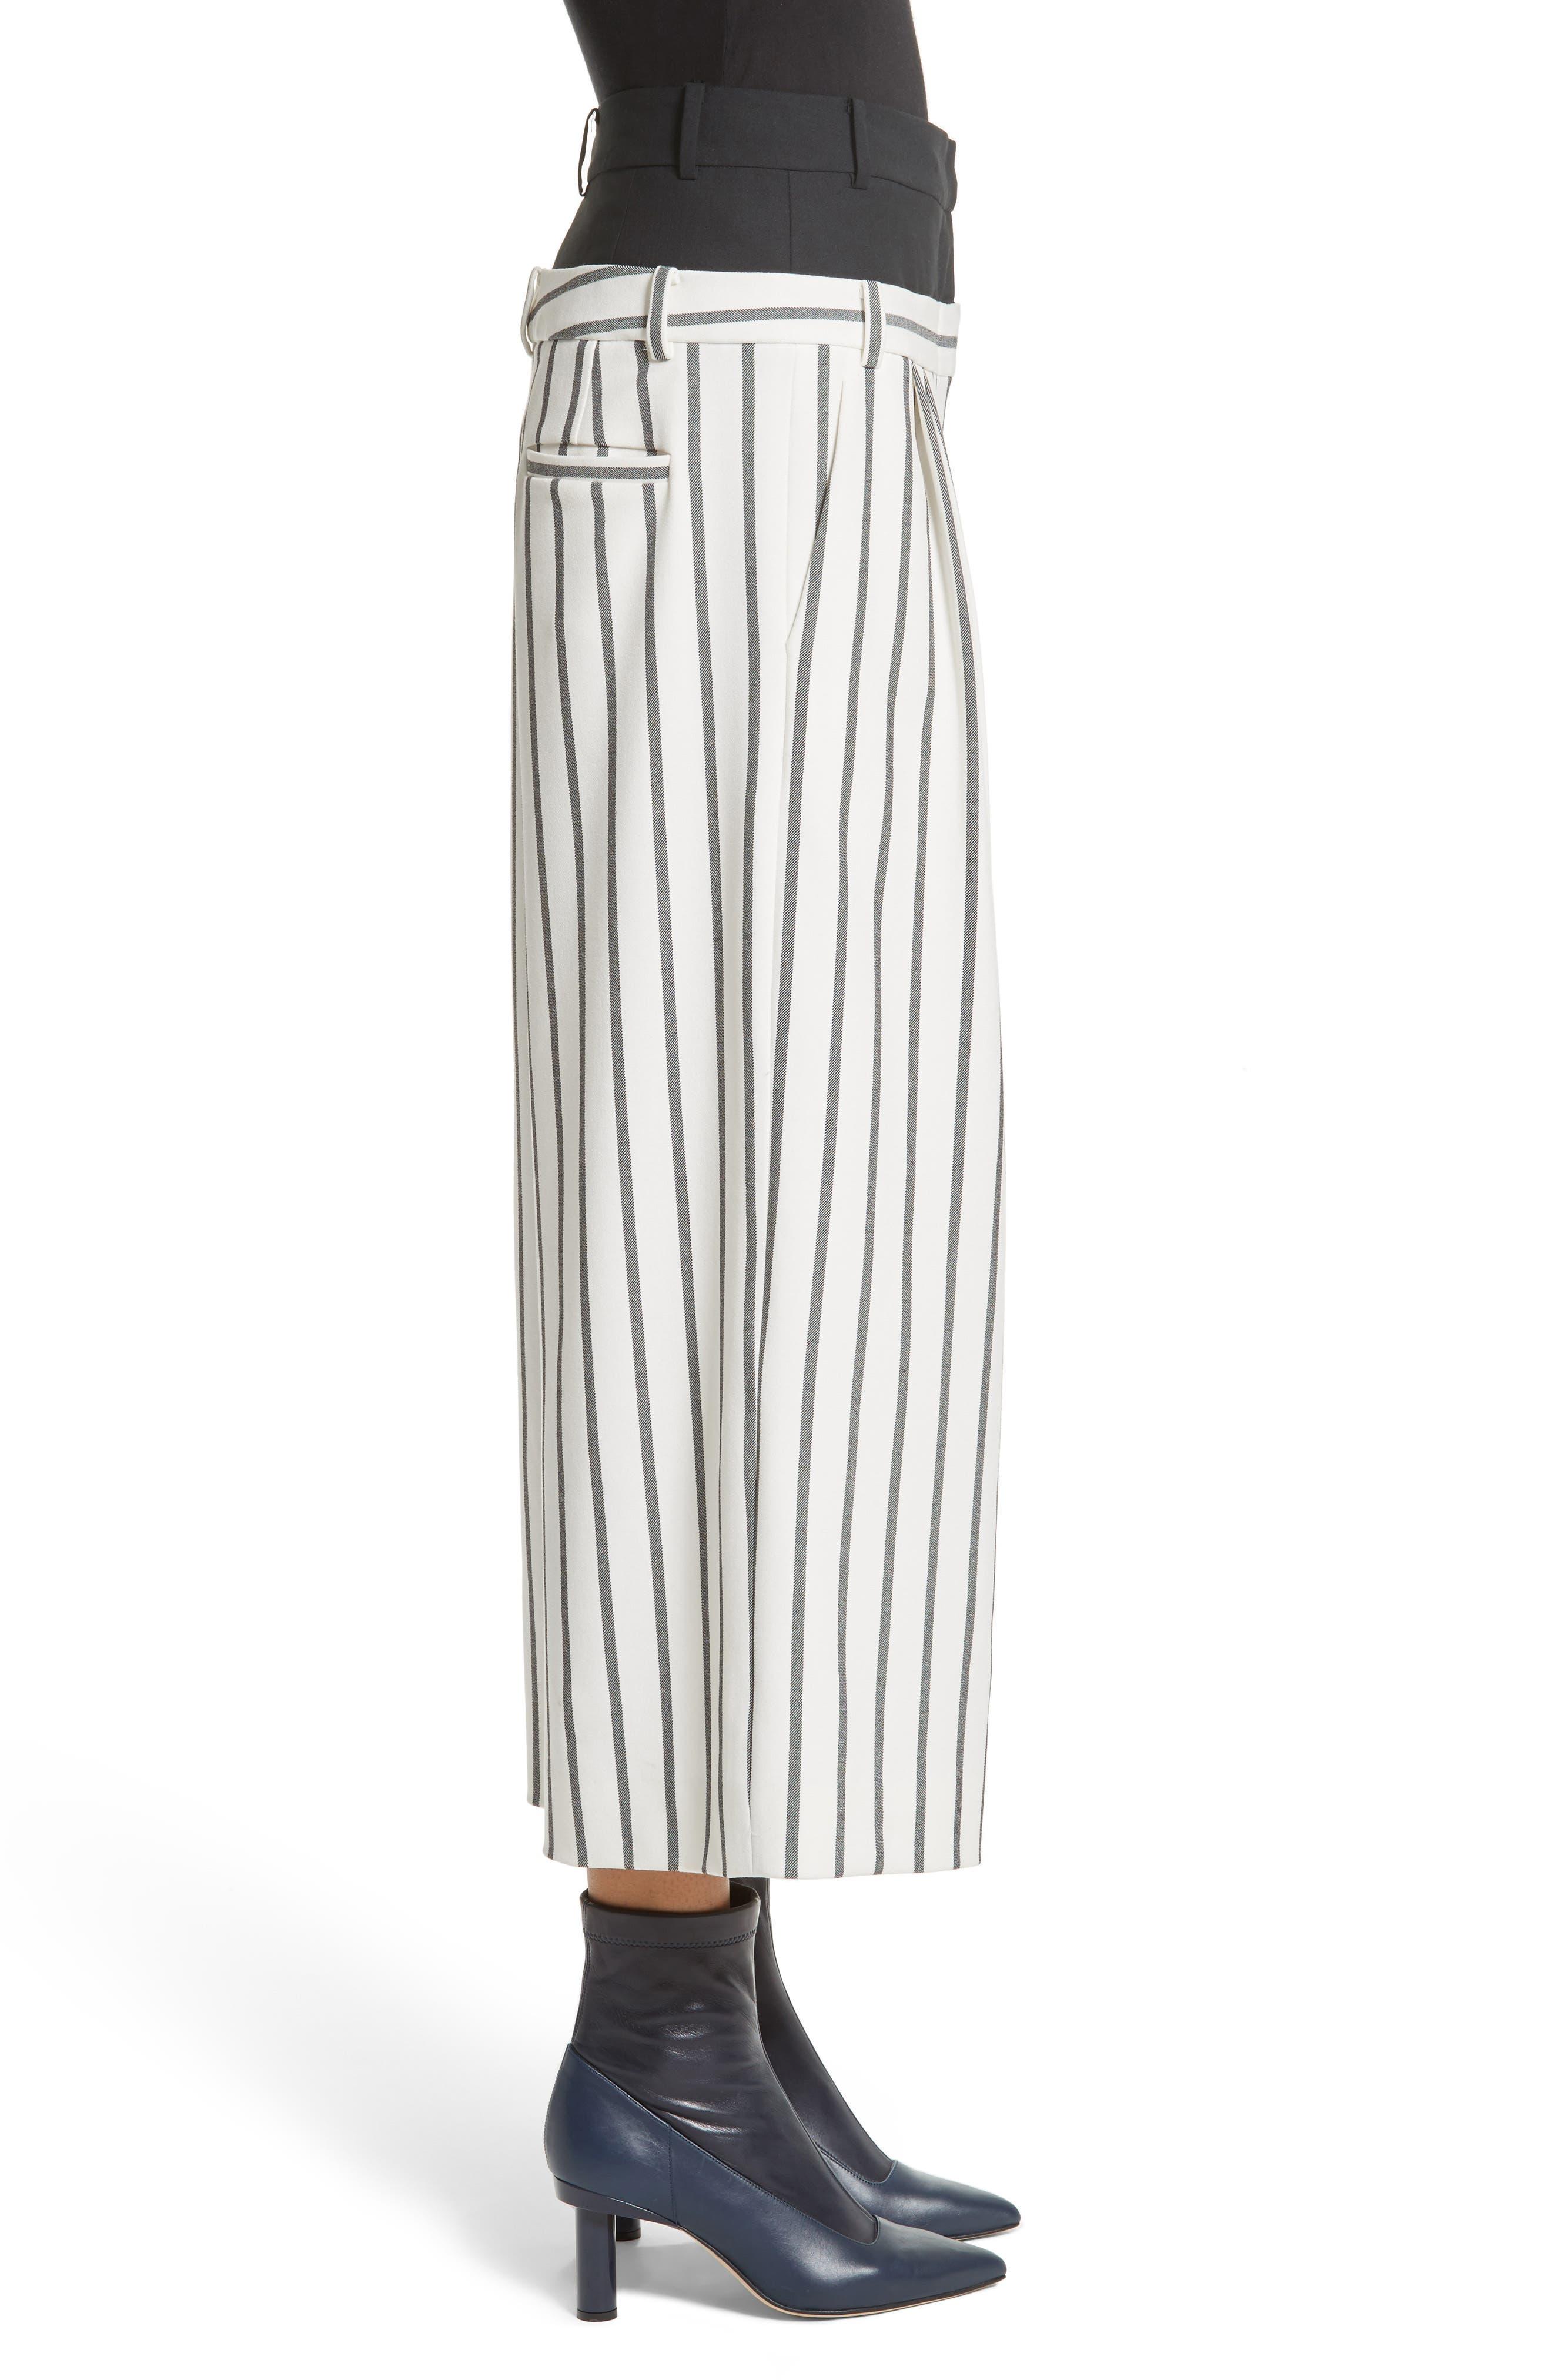 Lucci Stripe Crop Wide Leg Pants,                             Alternate thumbnail 3, color,                             907